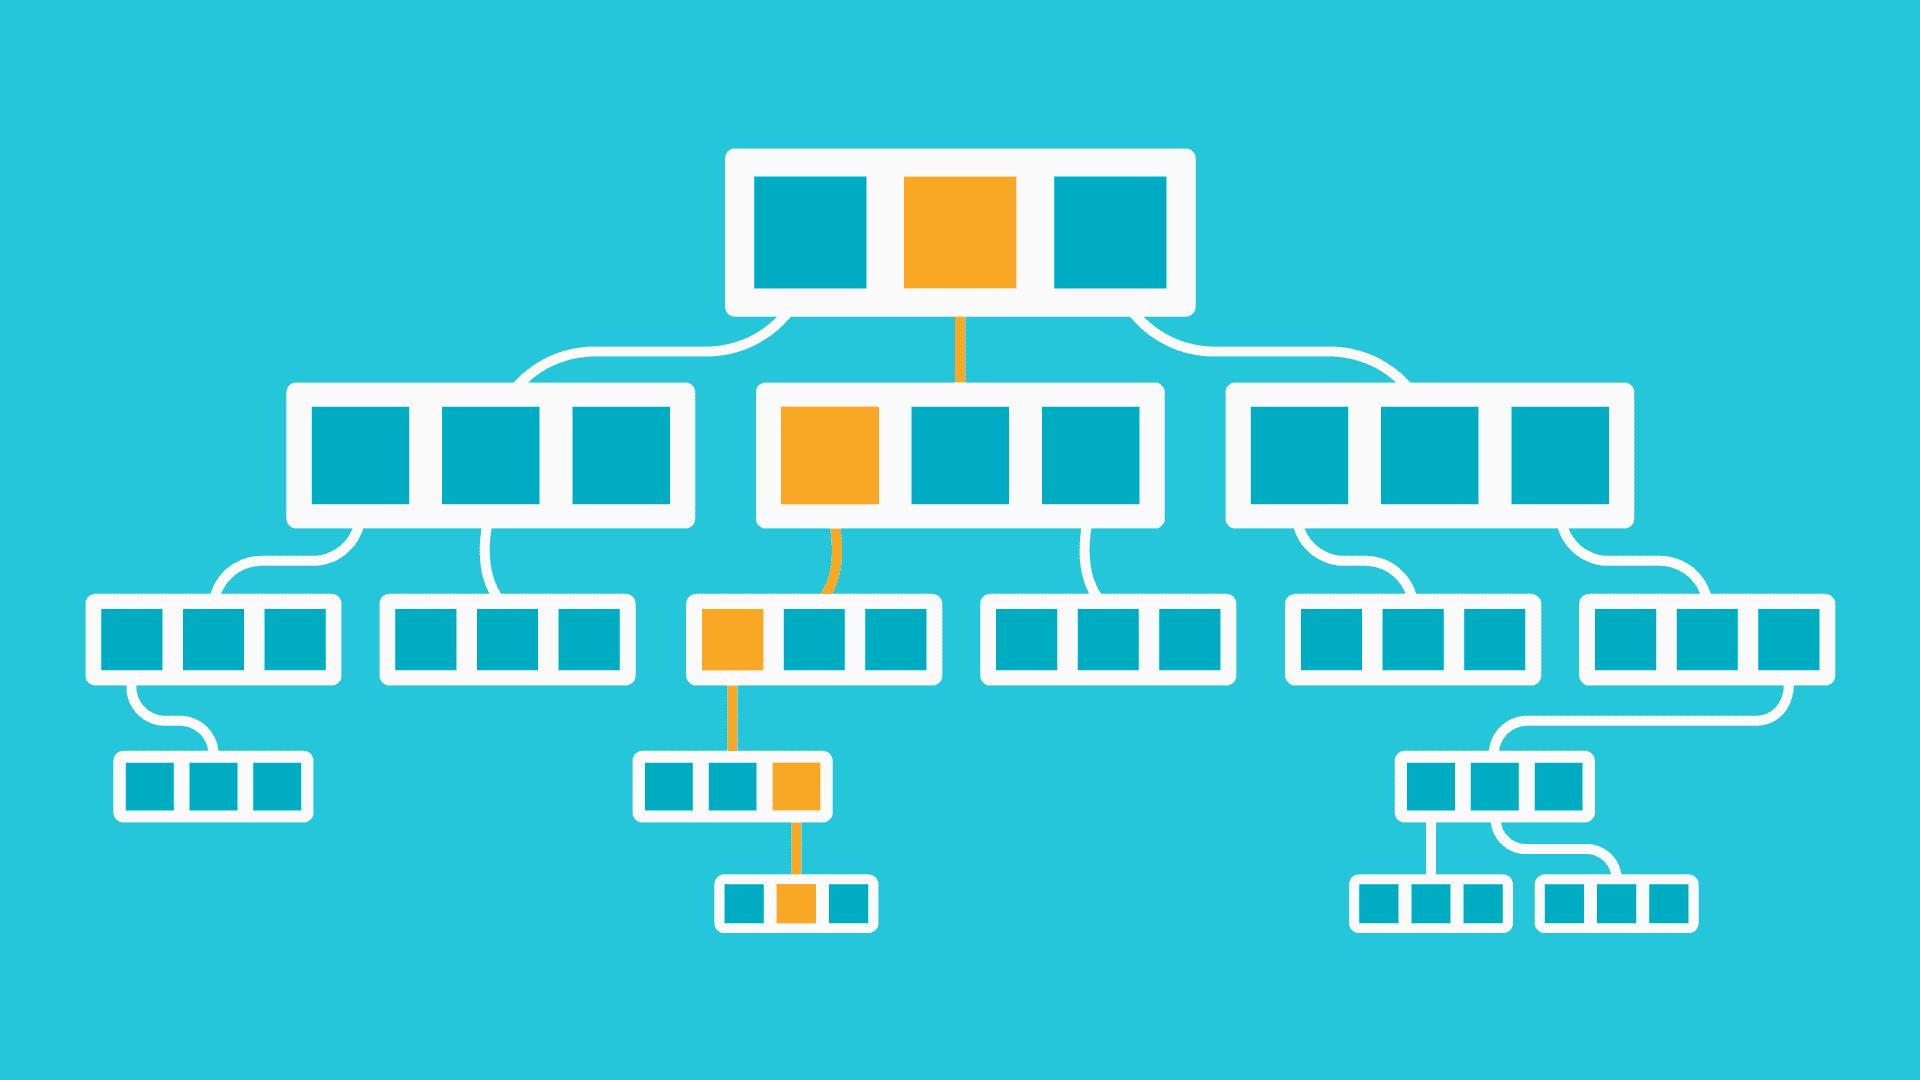 Ilustrasi pembuatan kueri pada hierarki data